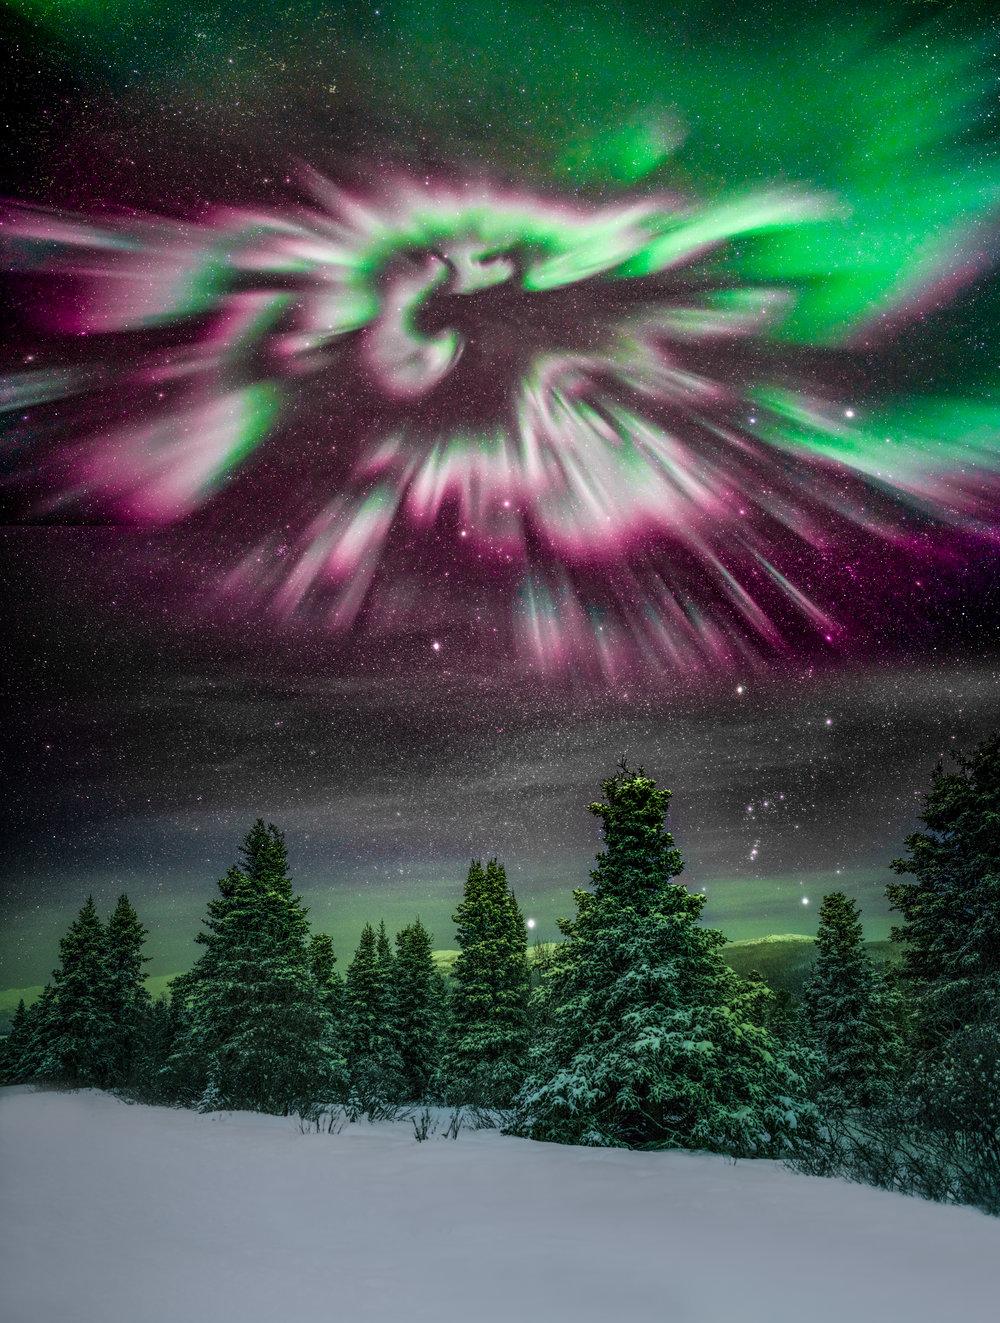 DSC03479cloning-stars-Edit.jpg